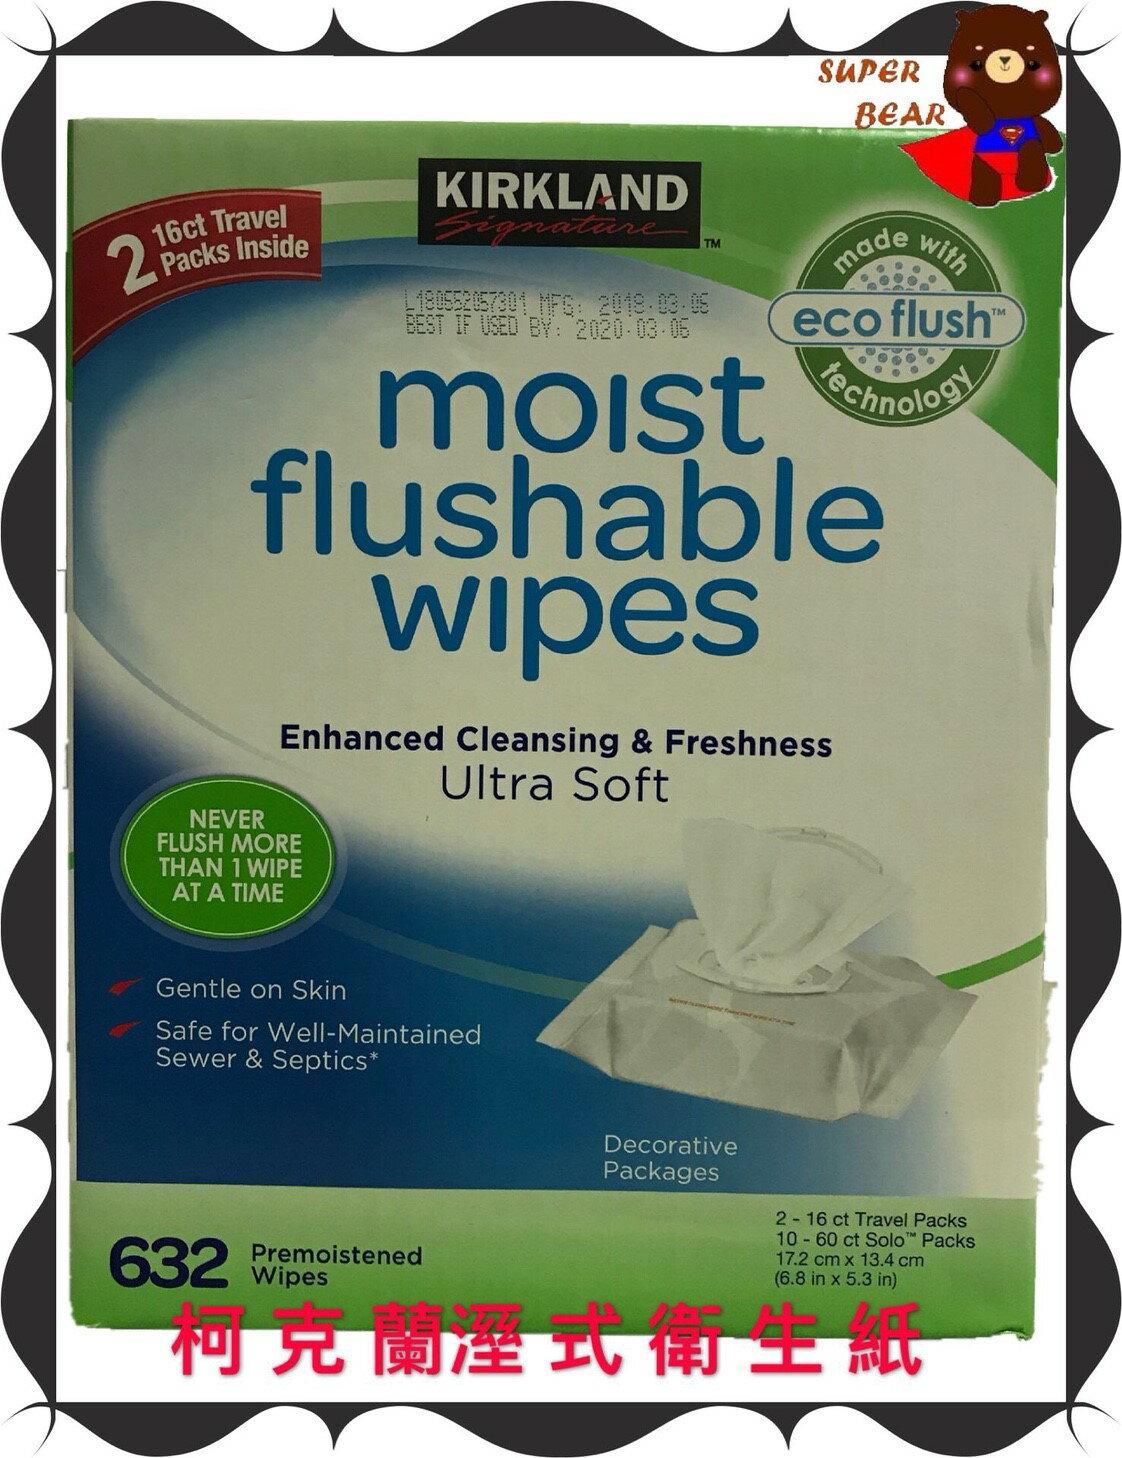 濕式衛生紙 Kirkland Signature 科克蘭濕式衛生紙 好市多 Costco 無添加酒精 超取限一箱 1